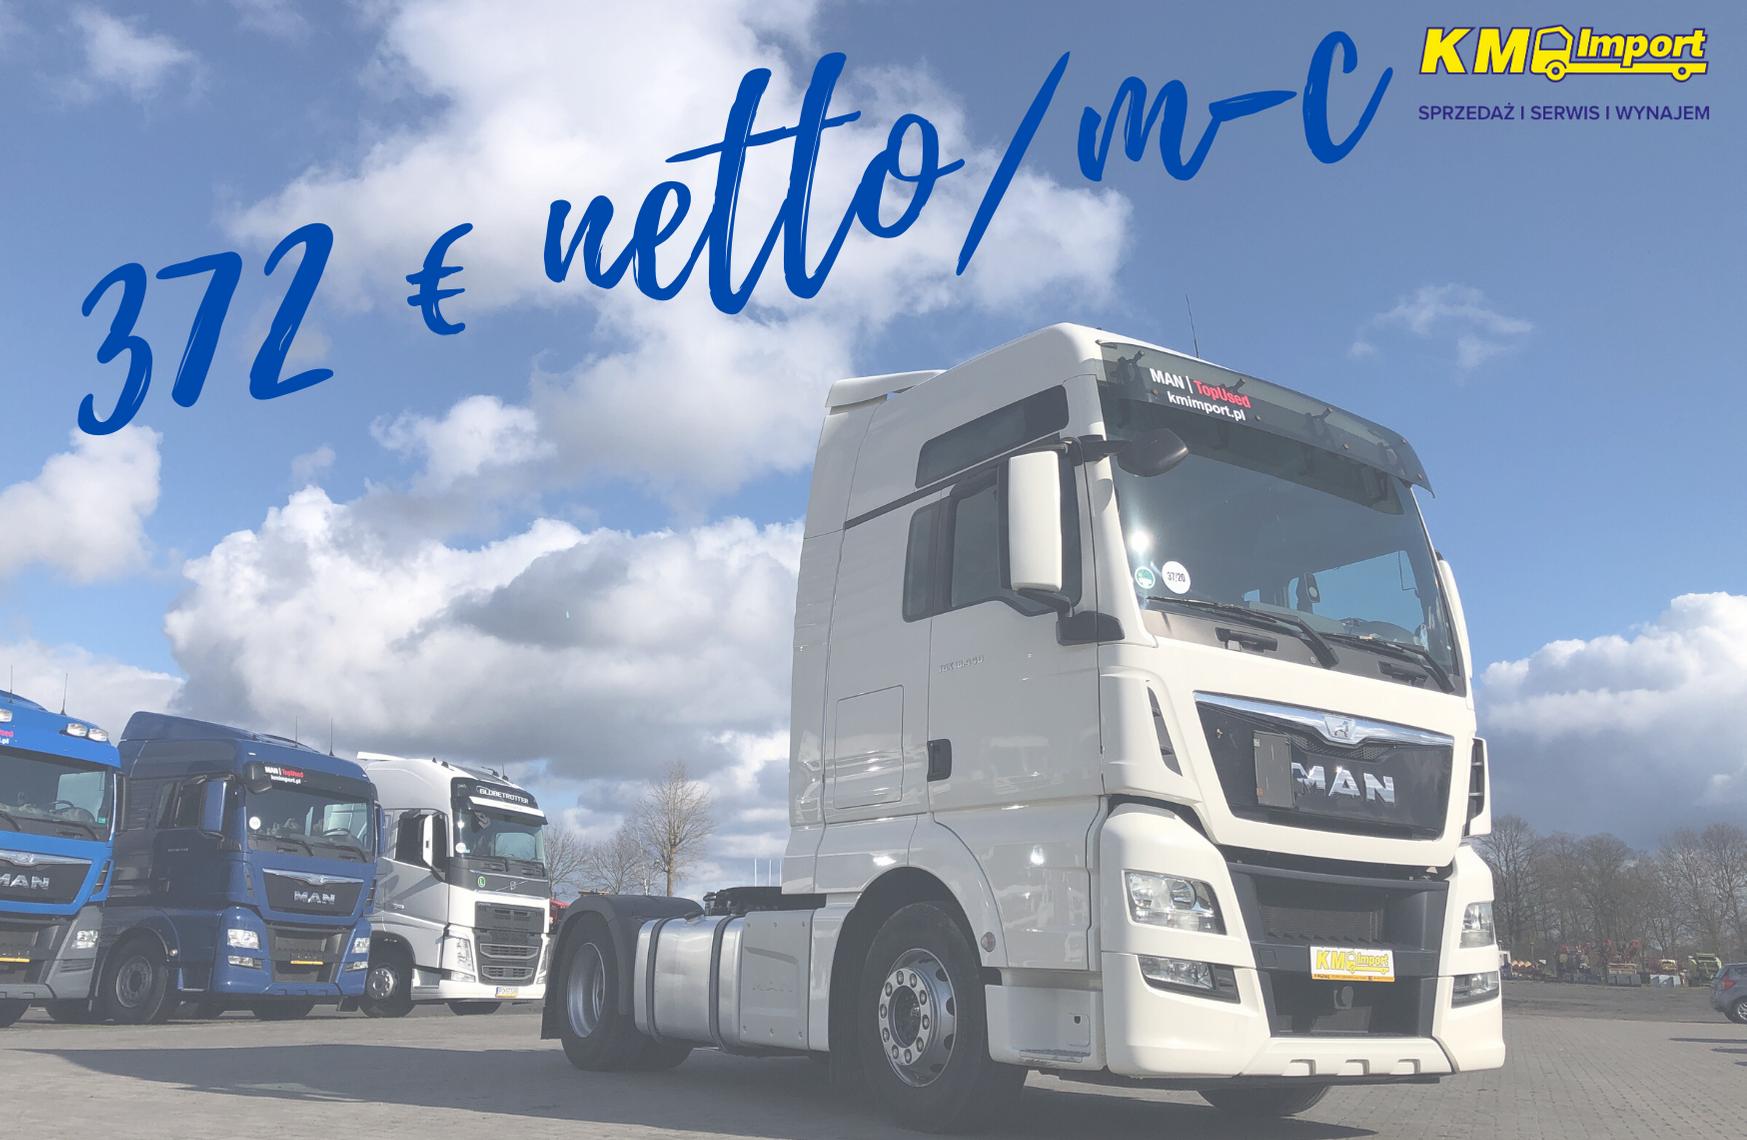 NOWA DOSTAWA Z RATĄ 372 EURO NETTO / m-c - KM Import